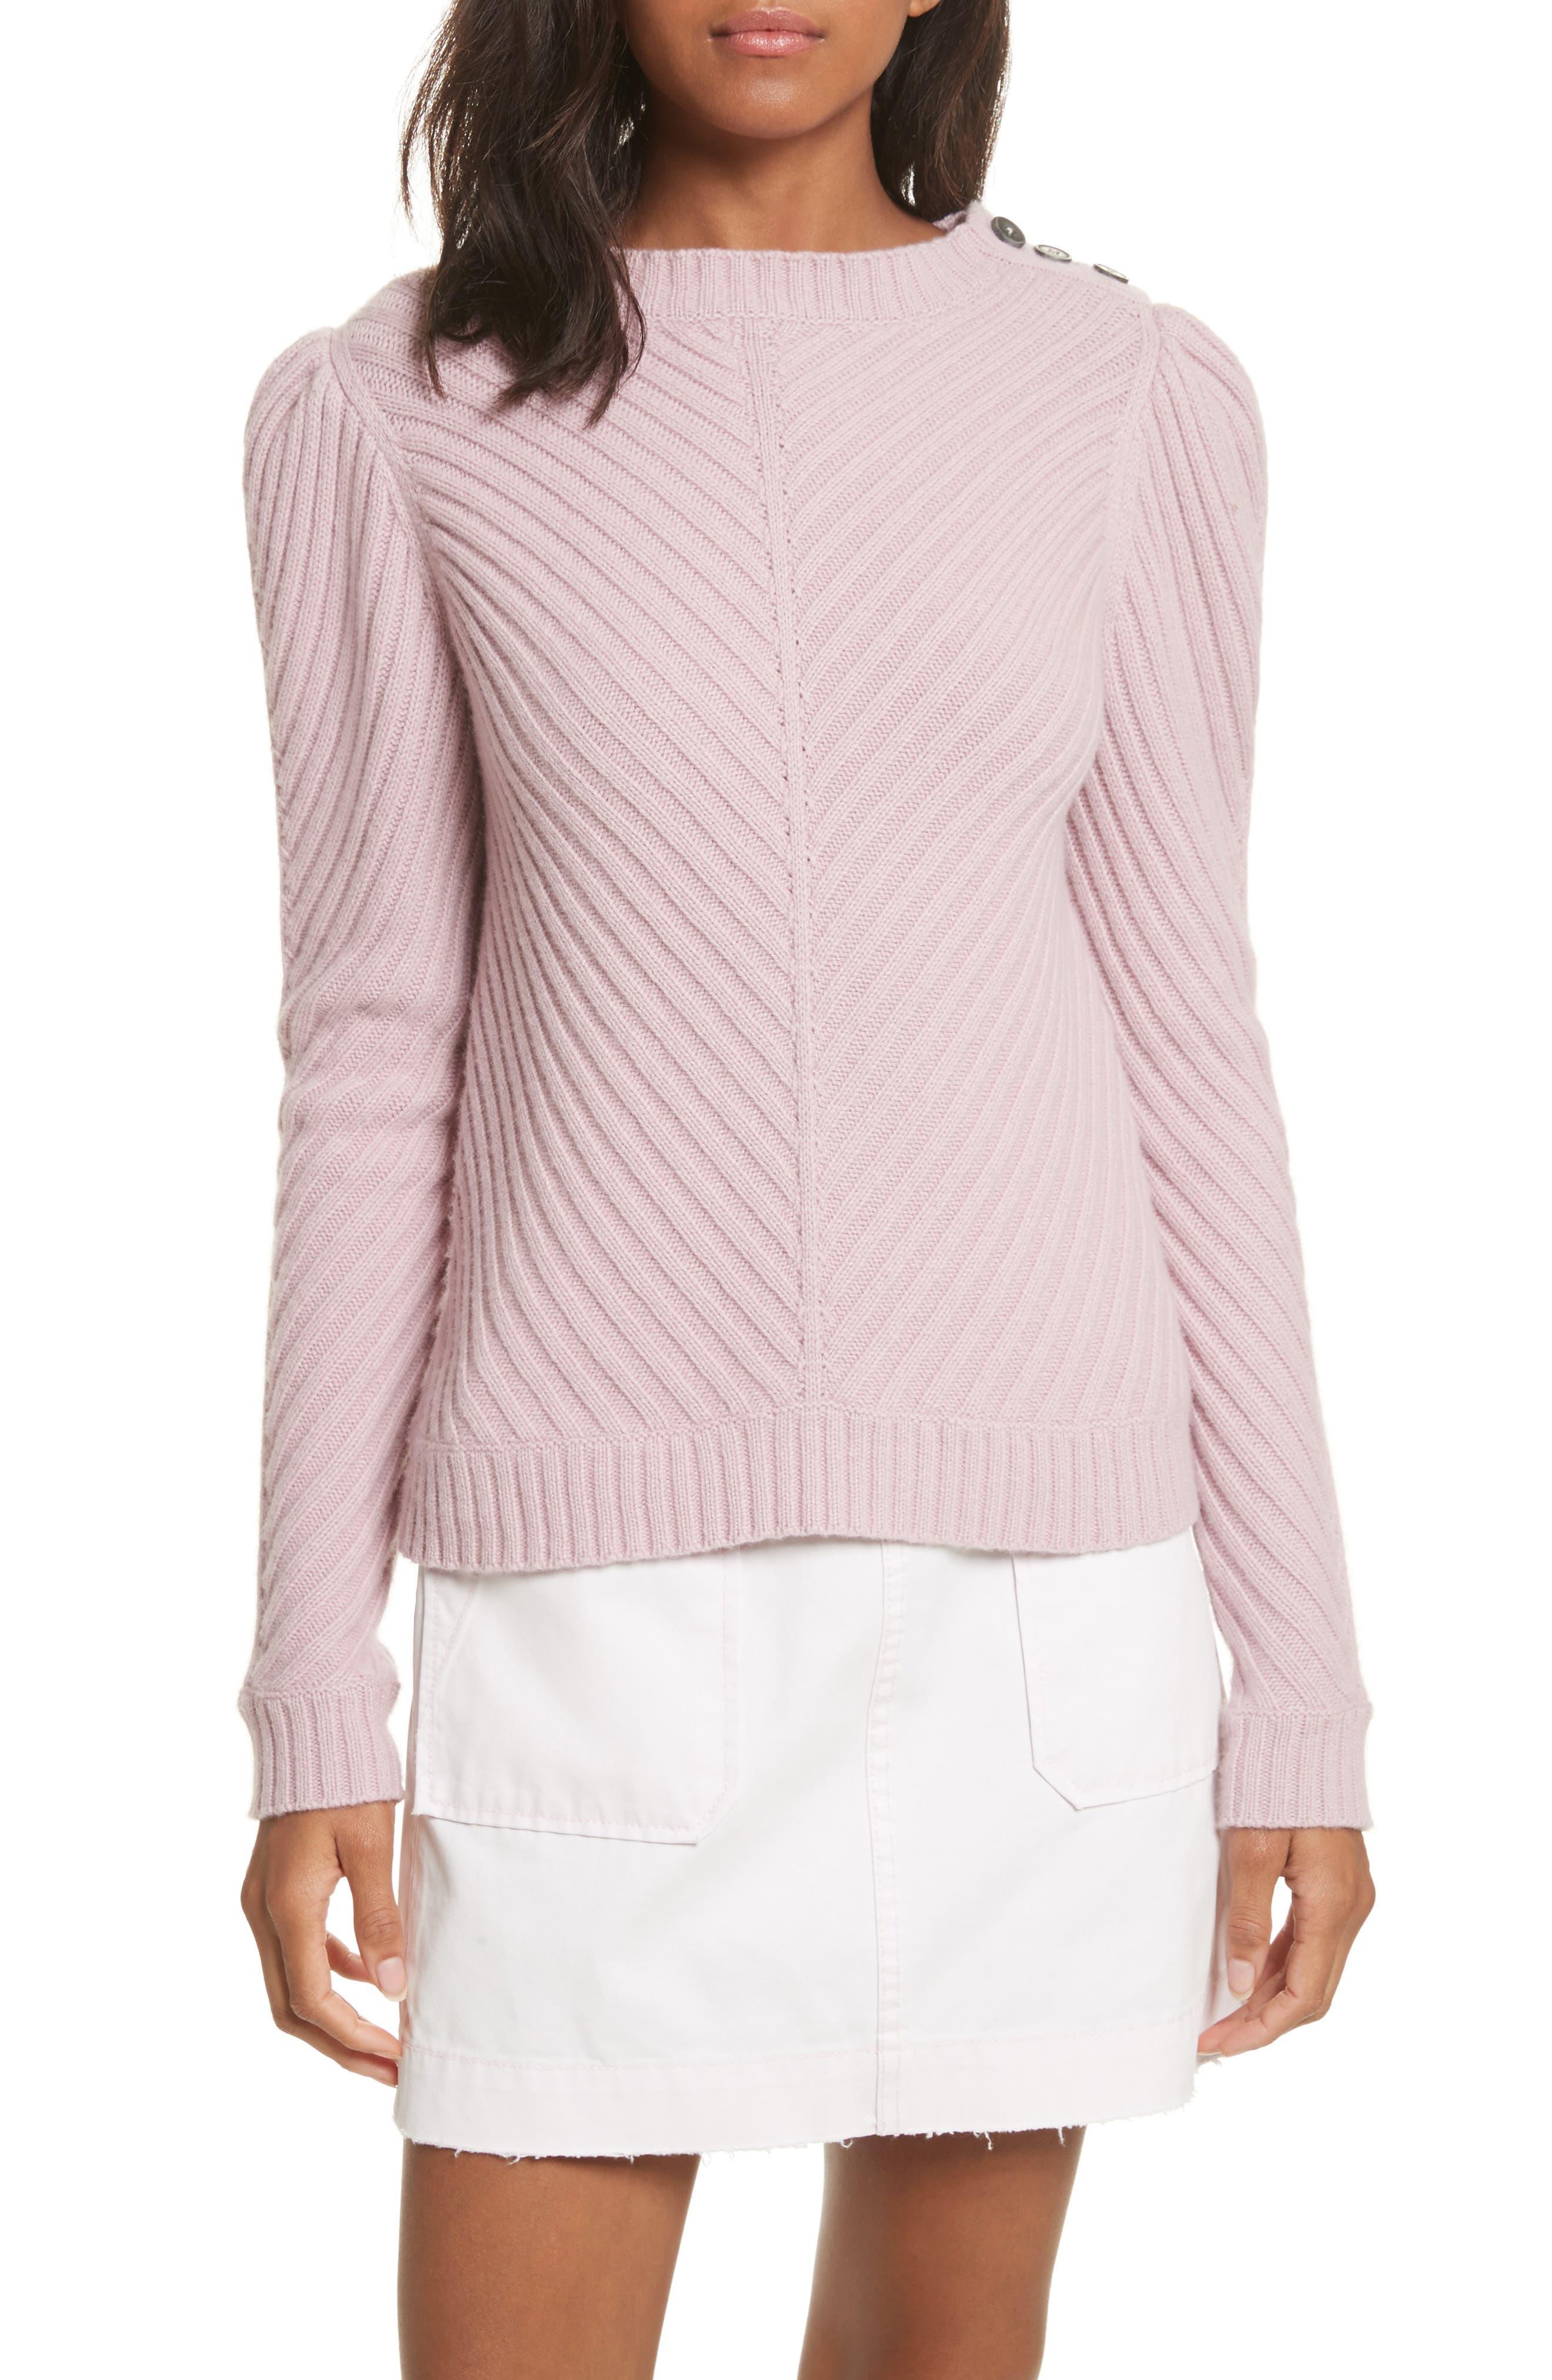 La Vie Rebecca Taylor Ribbed Knit Pullover